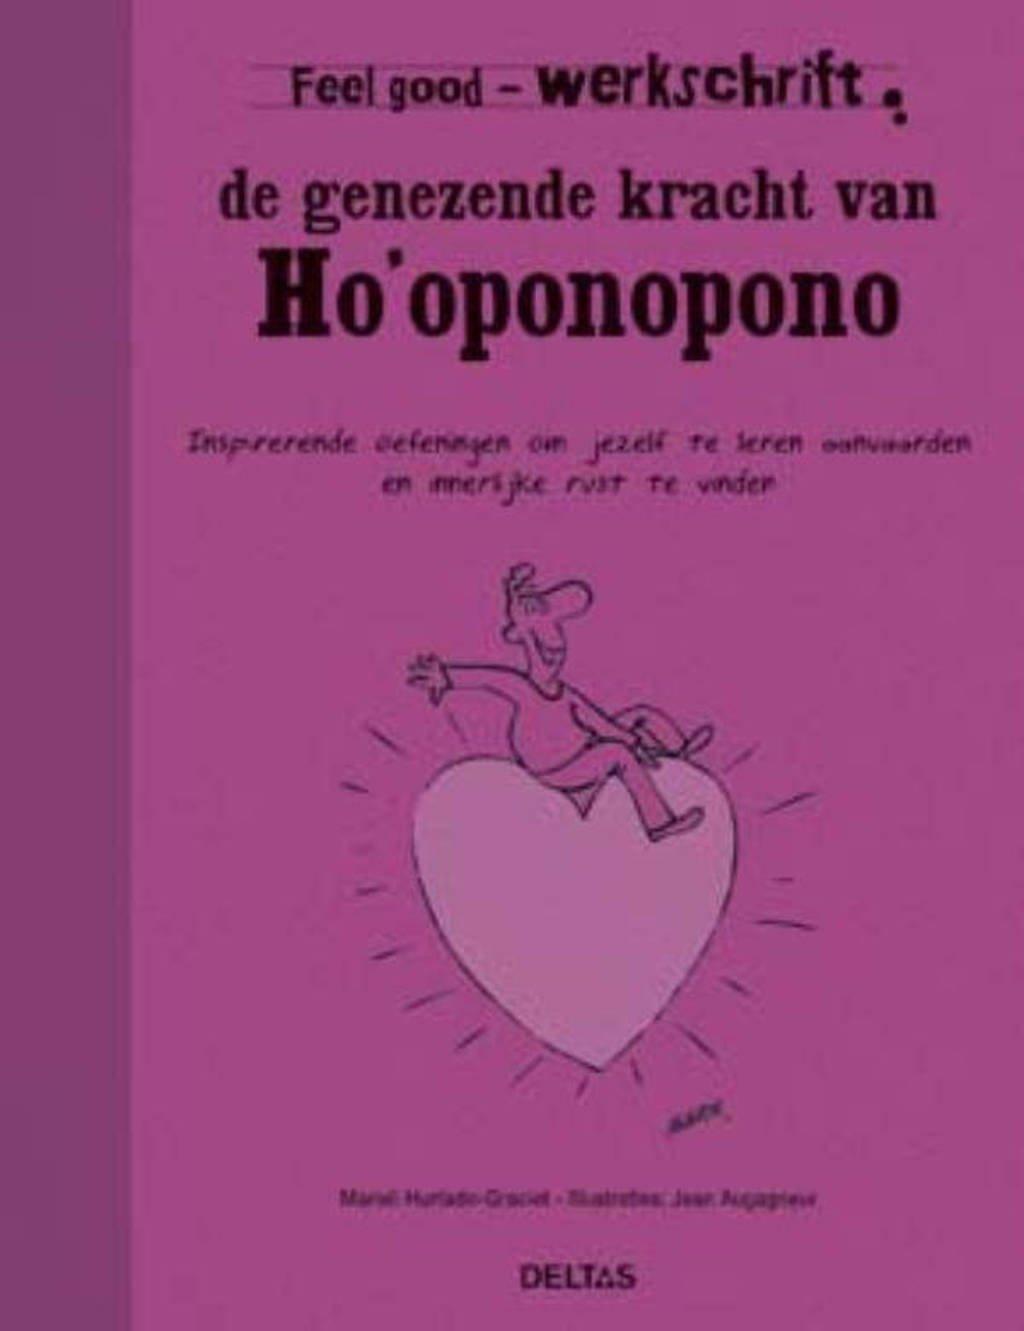 Feel Good Werkschrift: De genezende kracht van Ho'oponopono - Marieli Hurtado-Graciet